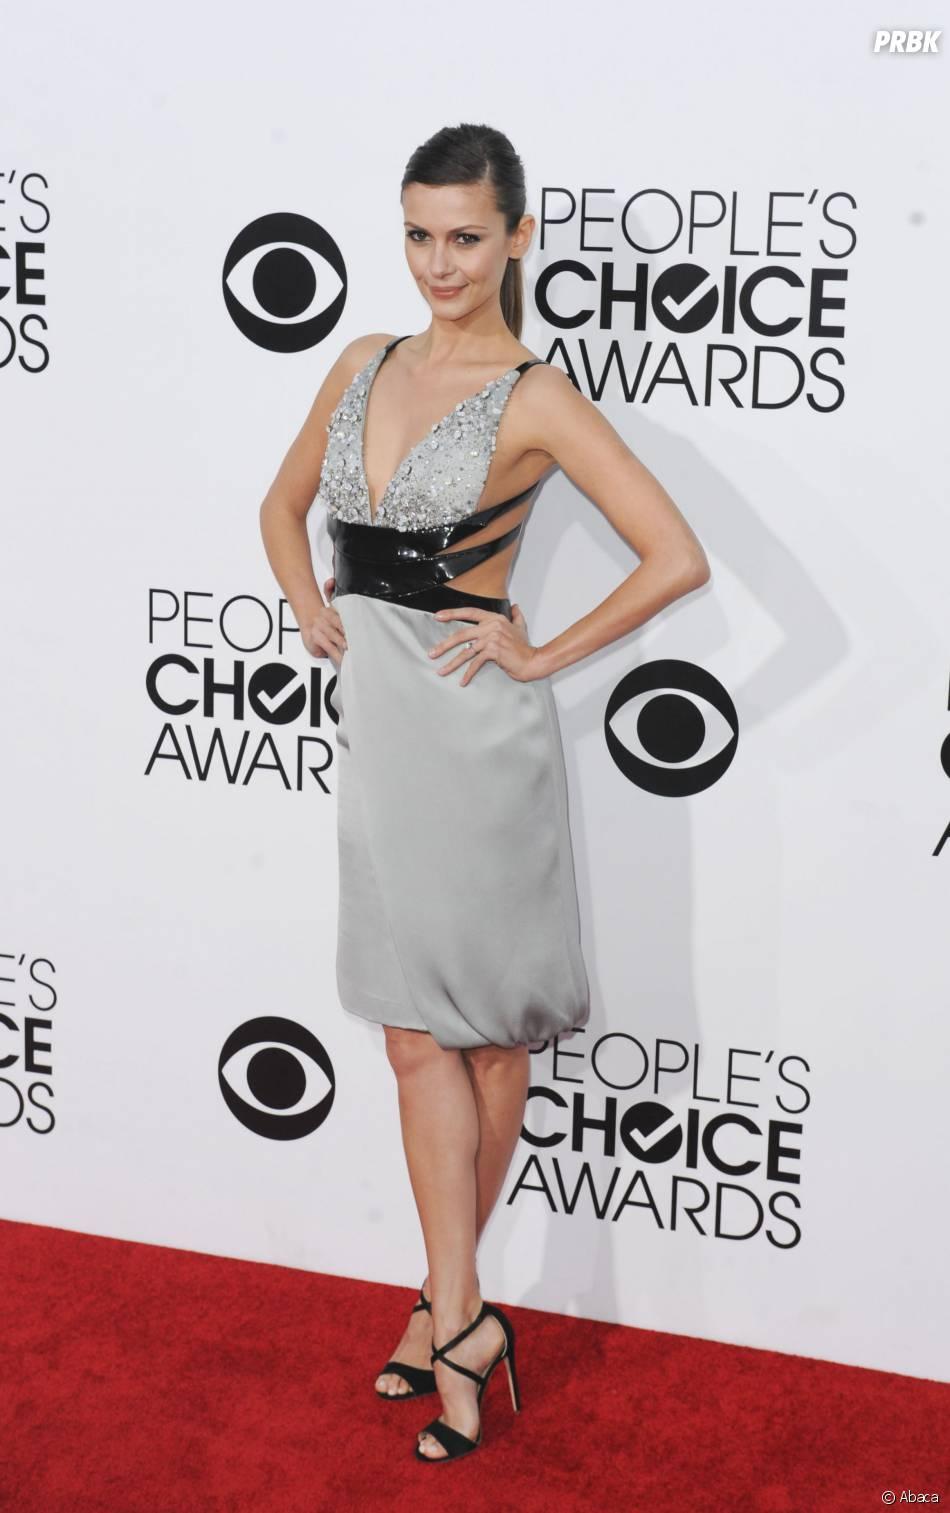 People's Choice Awards 2014 : Olga Fonda sur le tapis-rouge le 8 janvier 2014 à Los Angeles